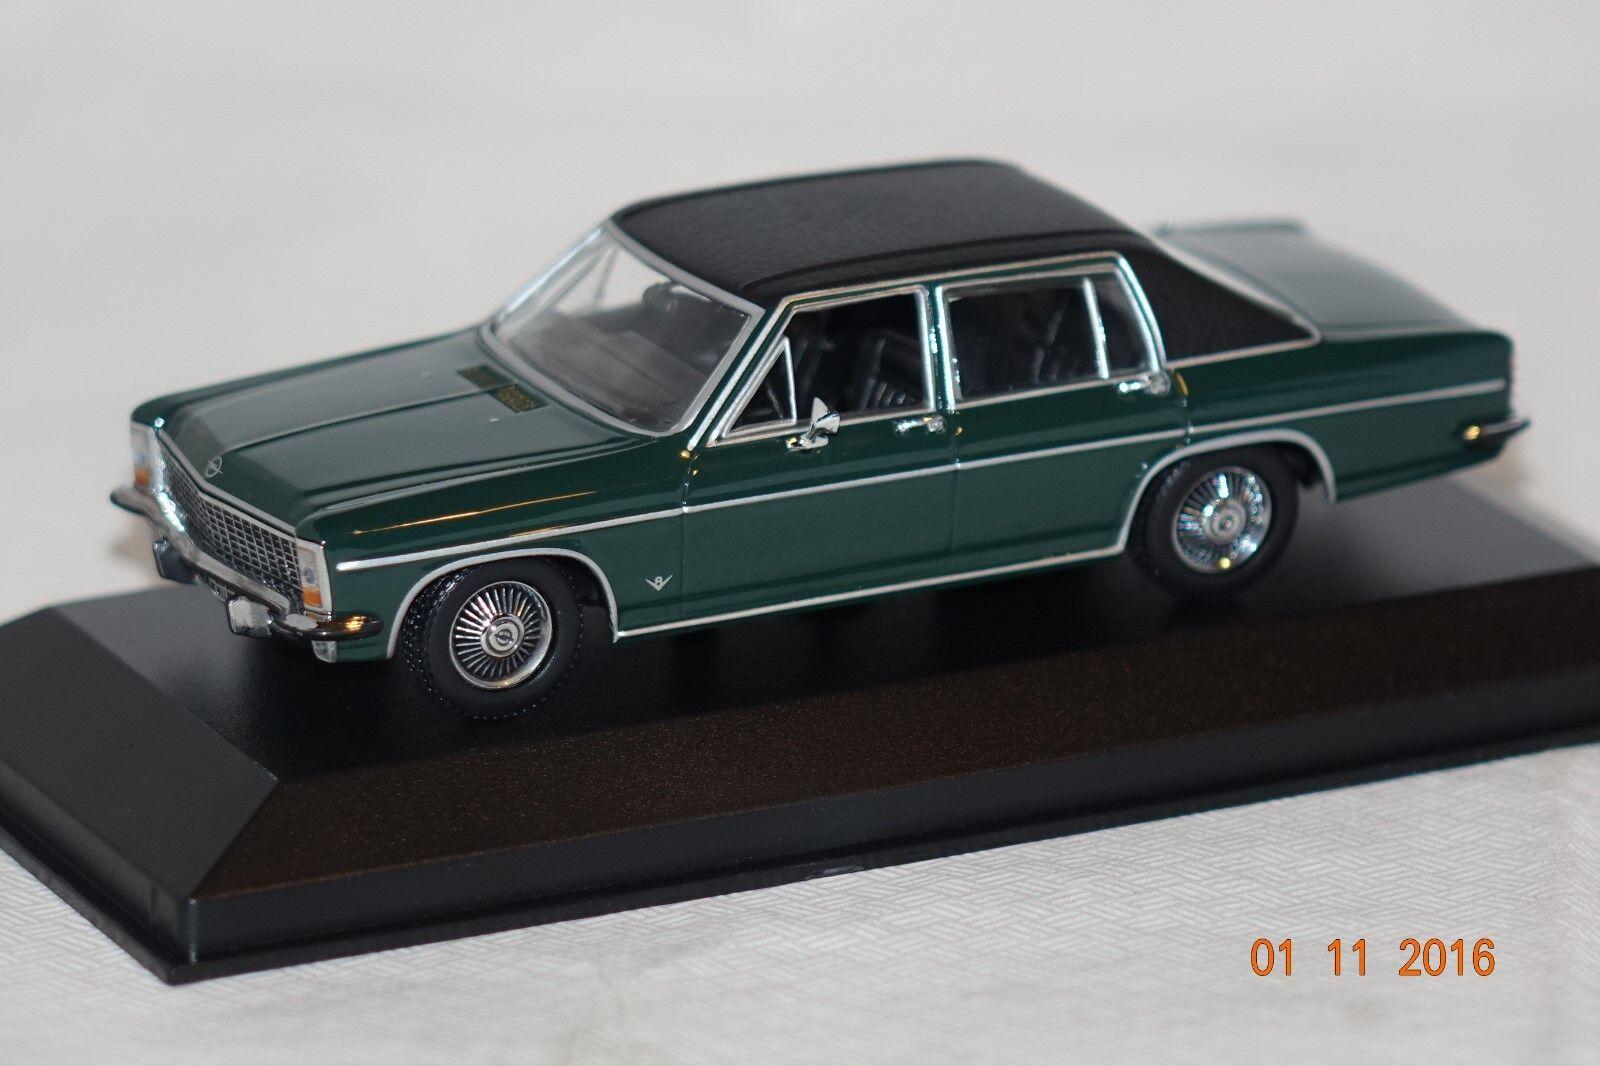 Opel Diplomat B 1969 dunkel vert 1 43 MaXichamps neu & OVP 940046070